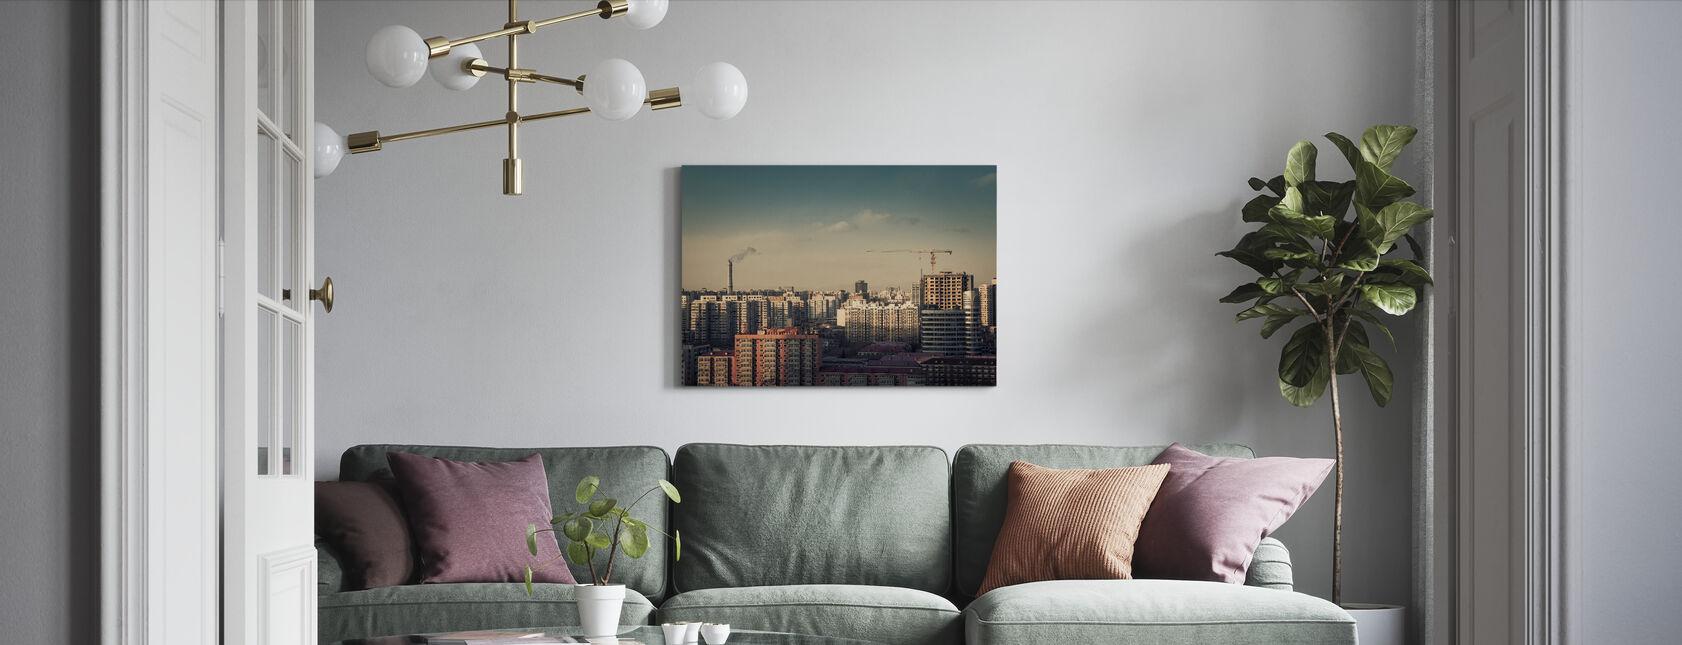 Beijing - Canvas print - Living Room